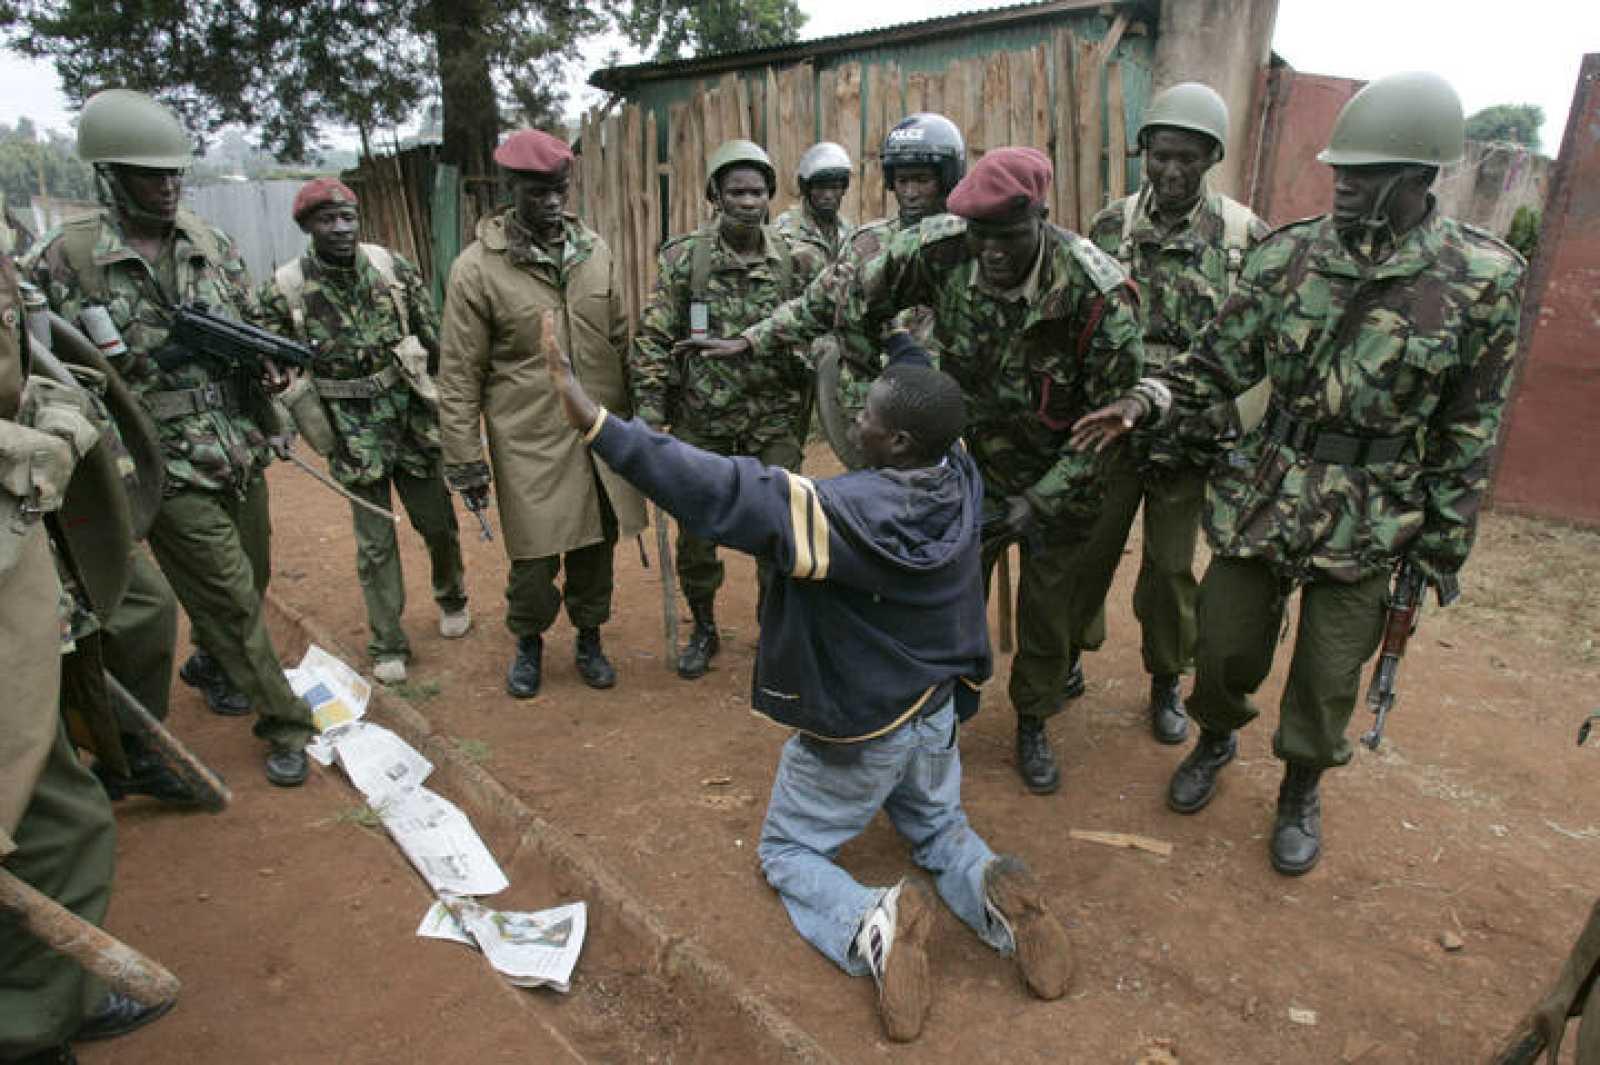 Un ciudadano pide la misericordia de policías antidisturbios durante las protestas en los barrios de Kibera en Nairobi.